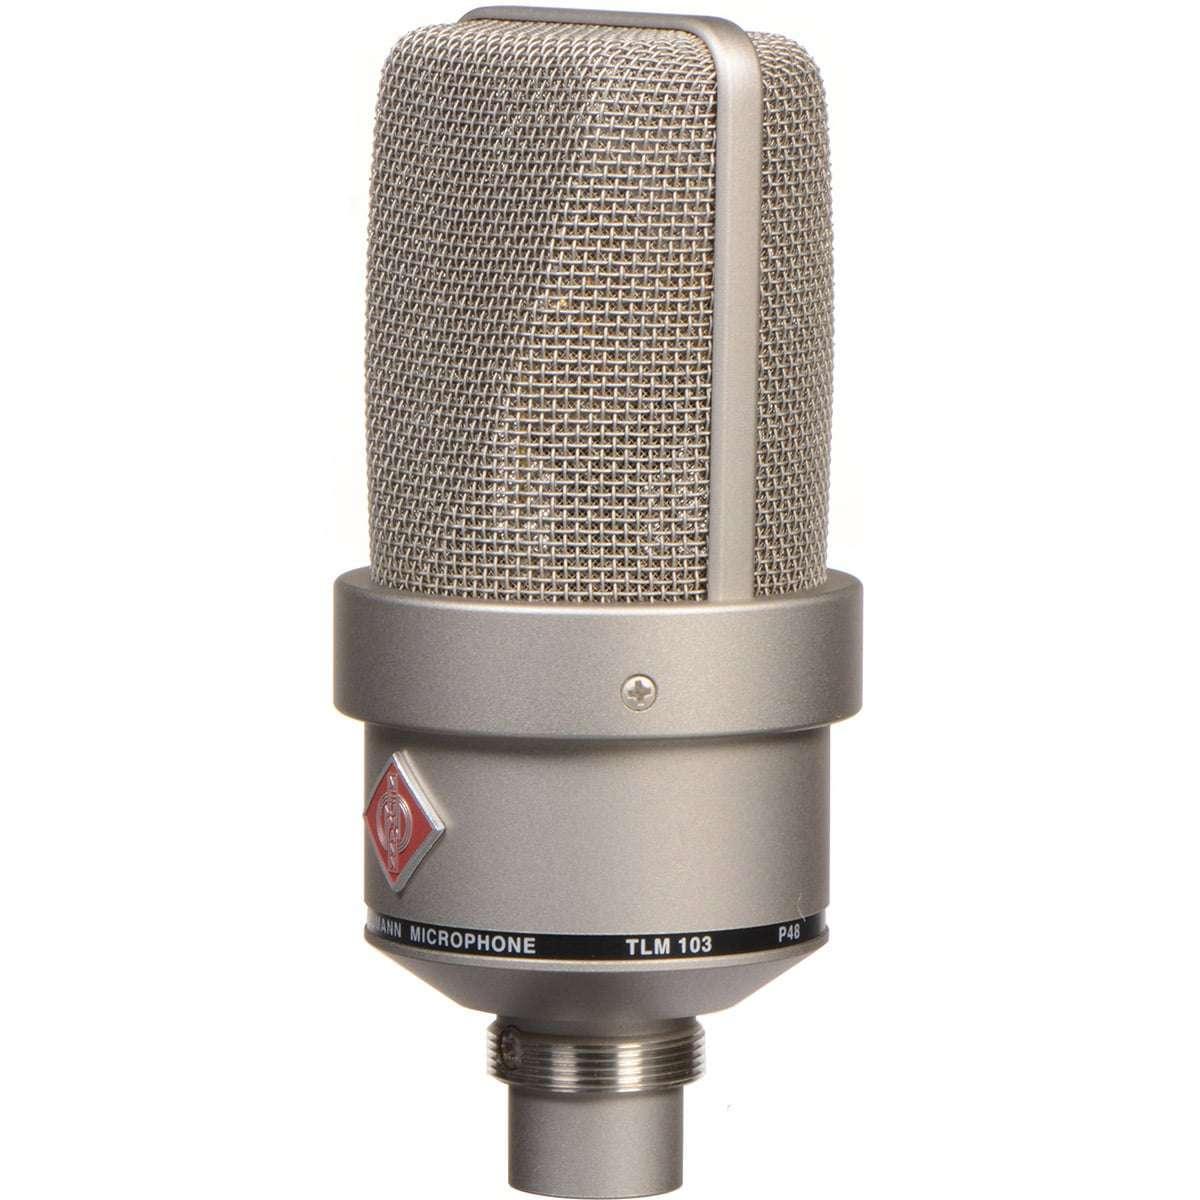 Neumann TLM 103 05 Microfoni a Condensatore, Microfoni professionali, Strumentazioni Pro Audio per studi di registrazione